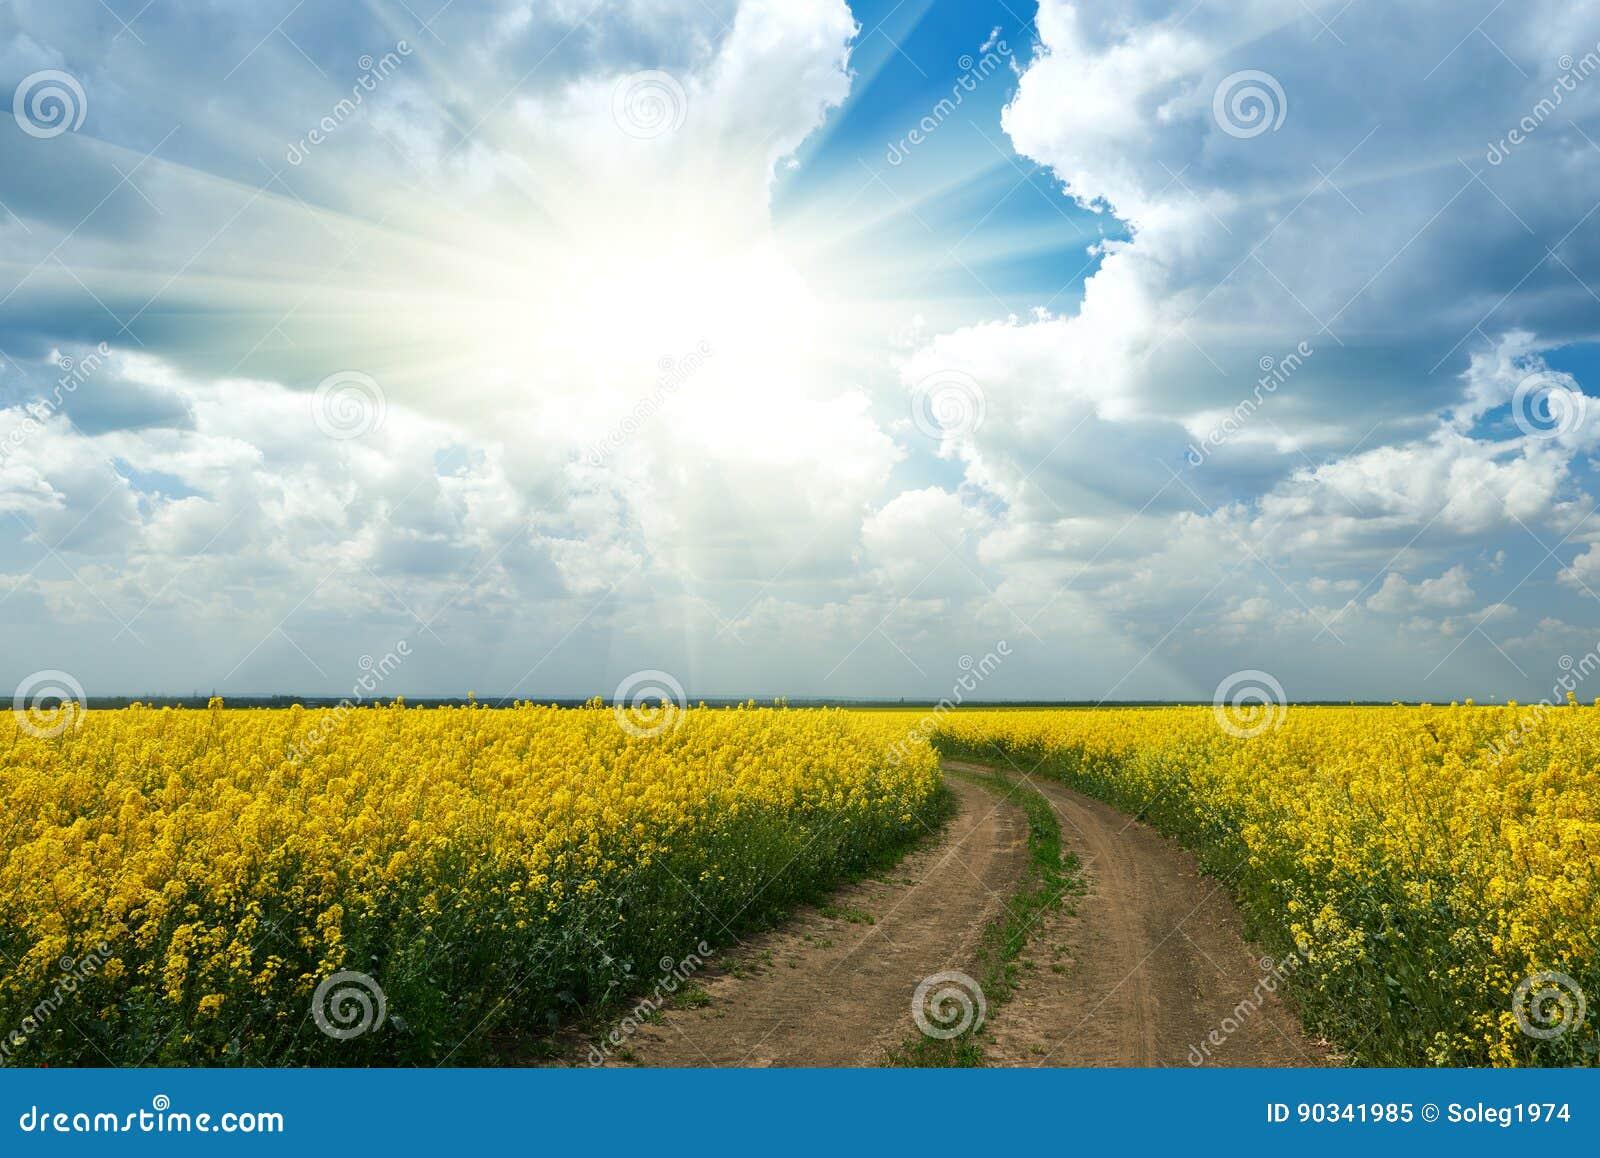 Estrada à terra no campo de flor amarelo com sol, paisagem bonita da mola, dia ensolarado brilhante, colza